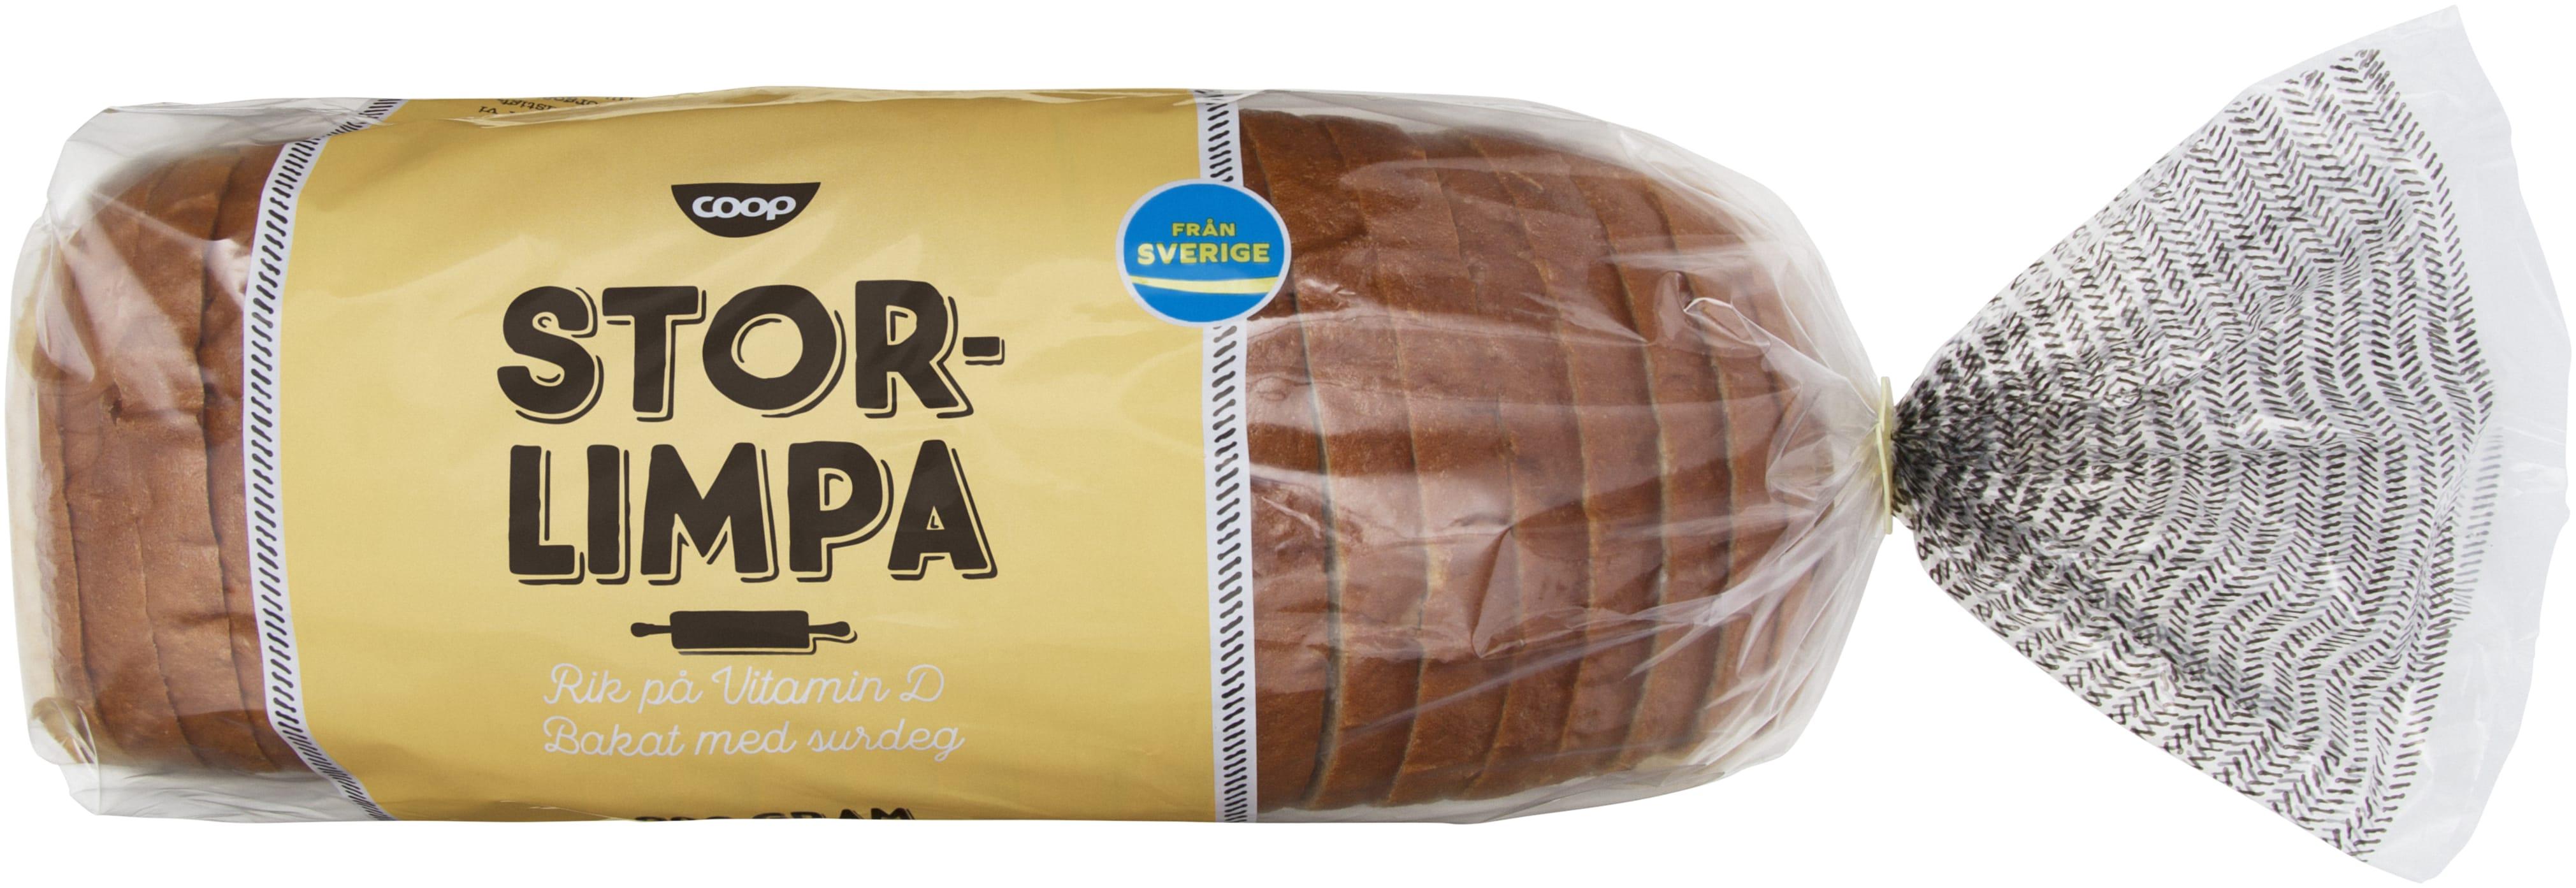 lchf bröd köpa coop